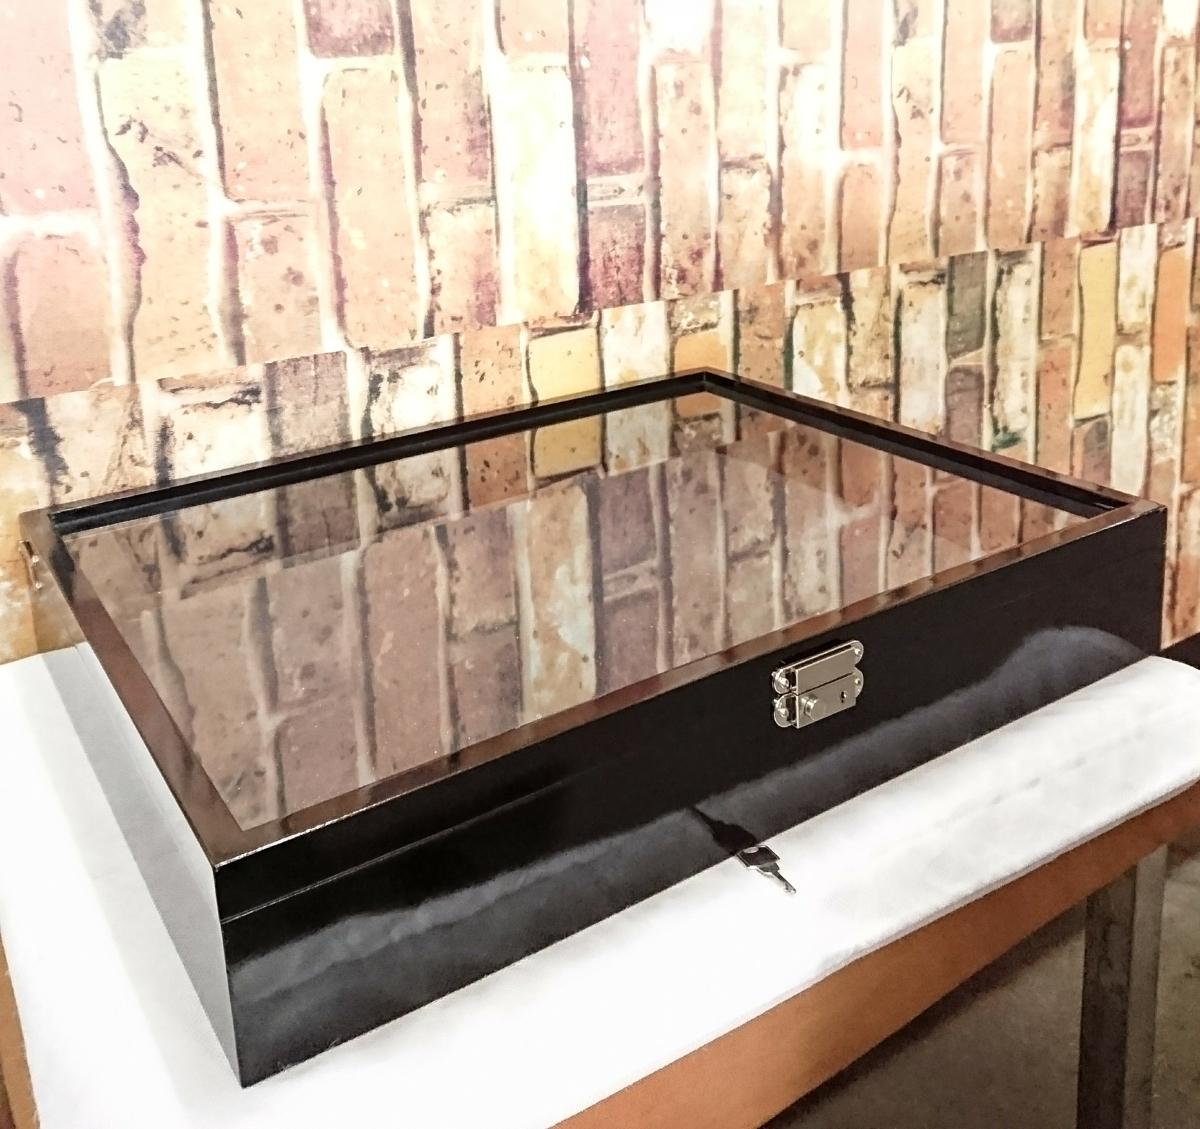 美品☆ディスプレイ ケース コレクションボックス カギ付き 黒 壁掛けにも!